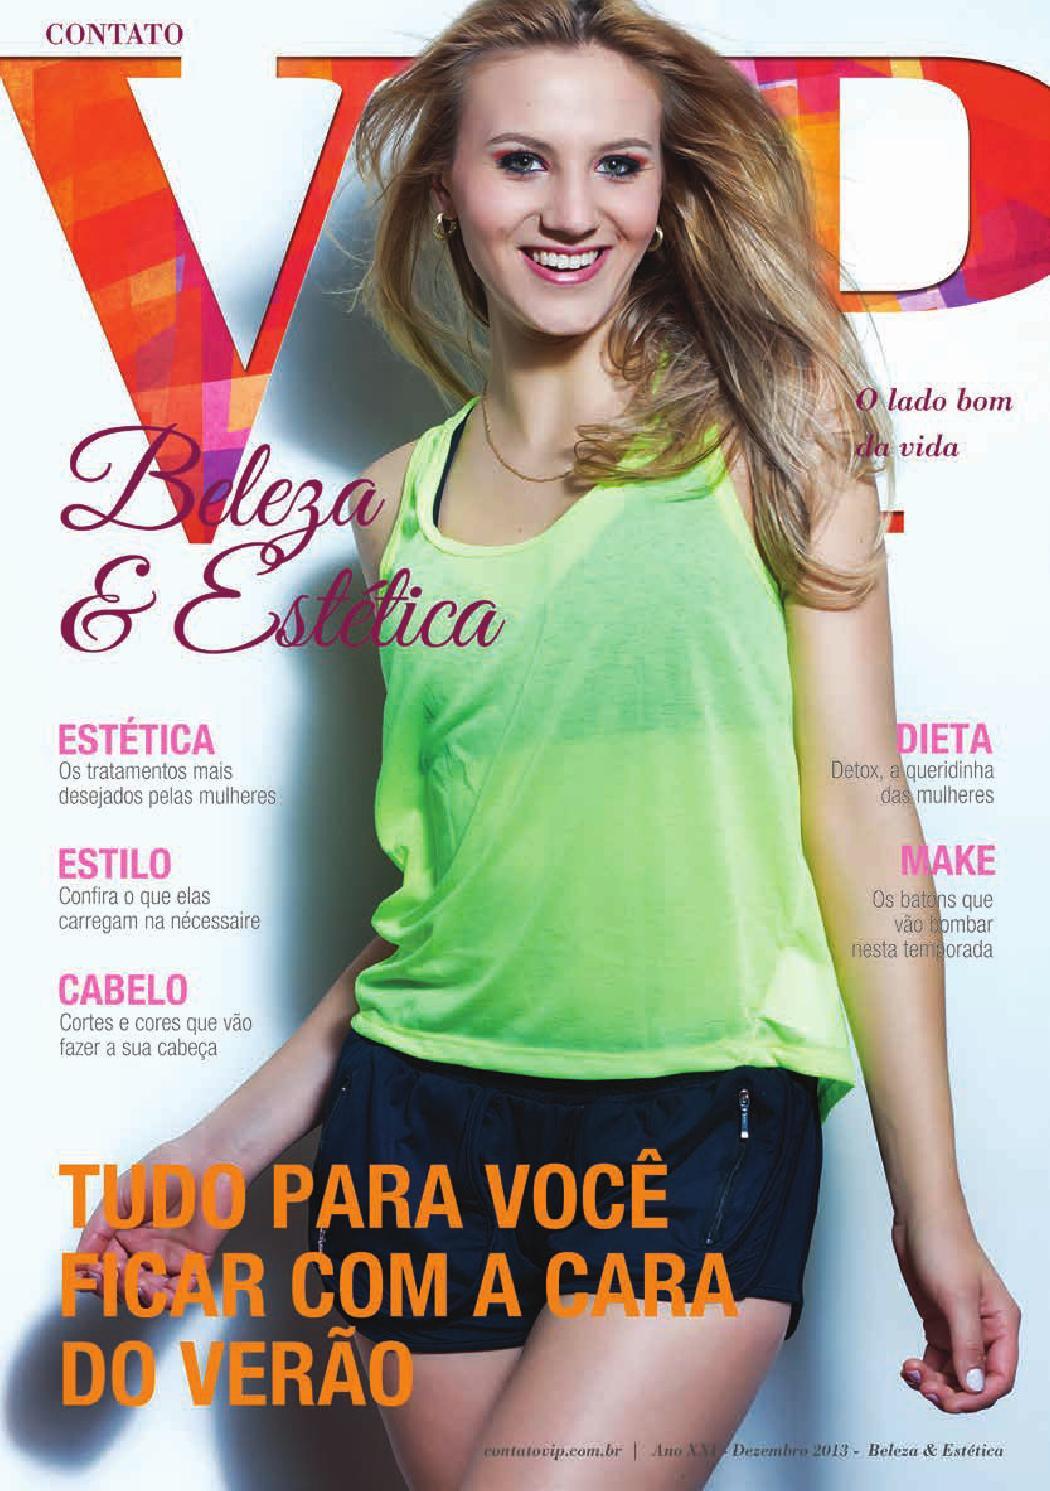 0a1925940f Ano XXI - Beleza e Estética - Dezembro 2013 by Contato VIP - issuu